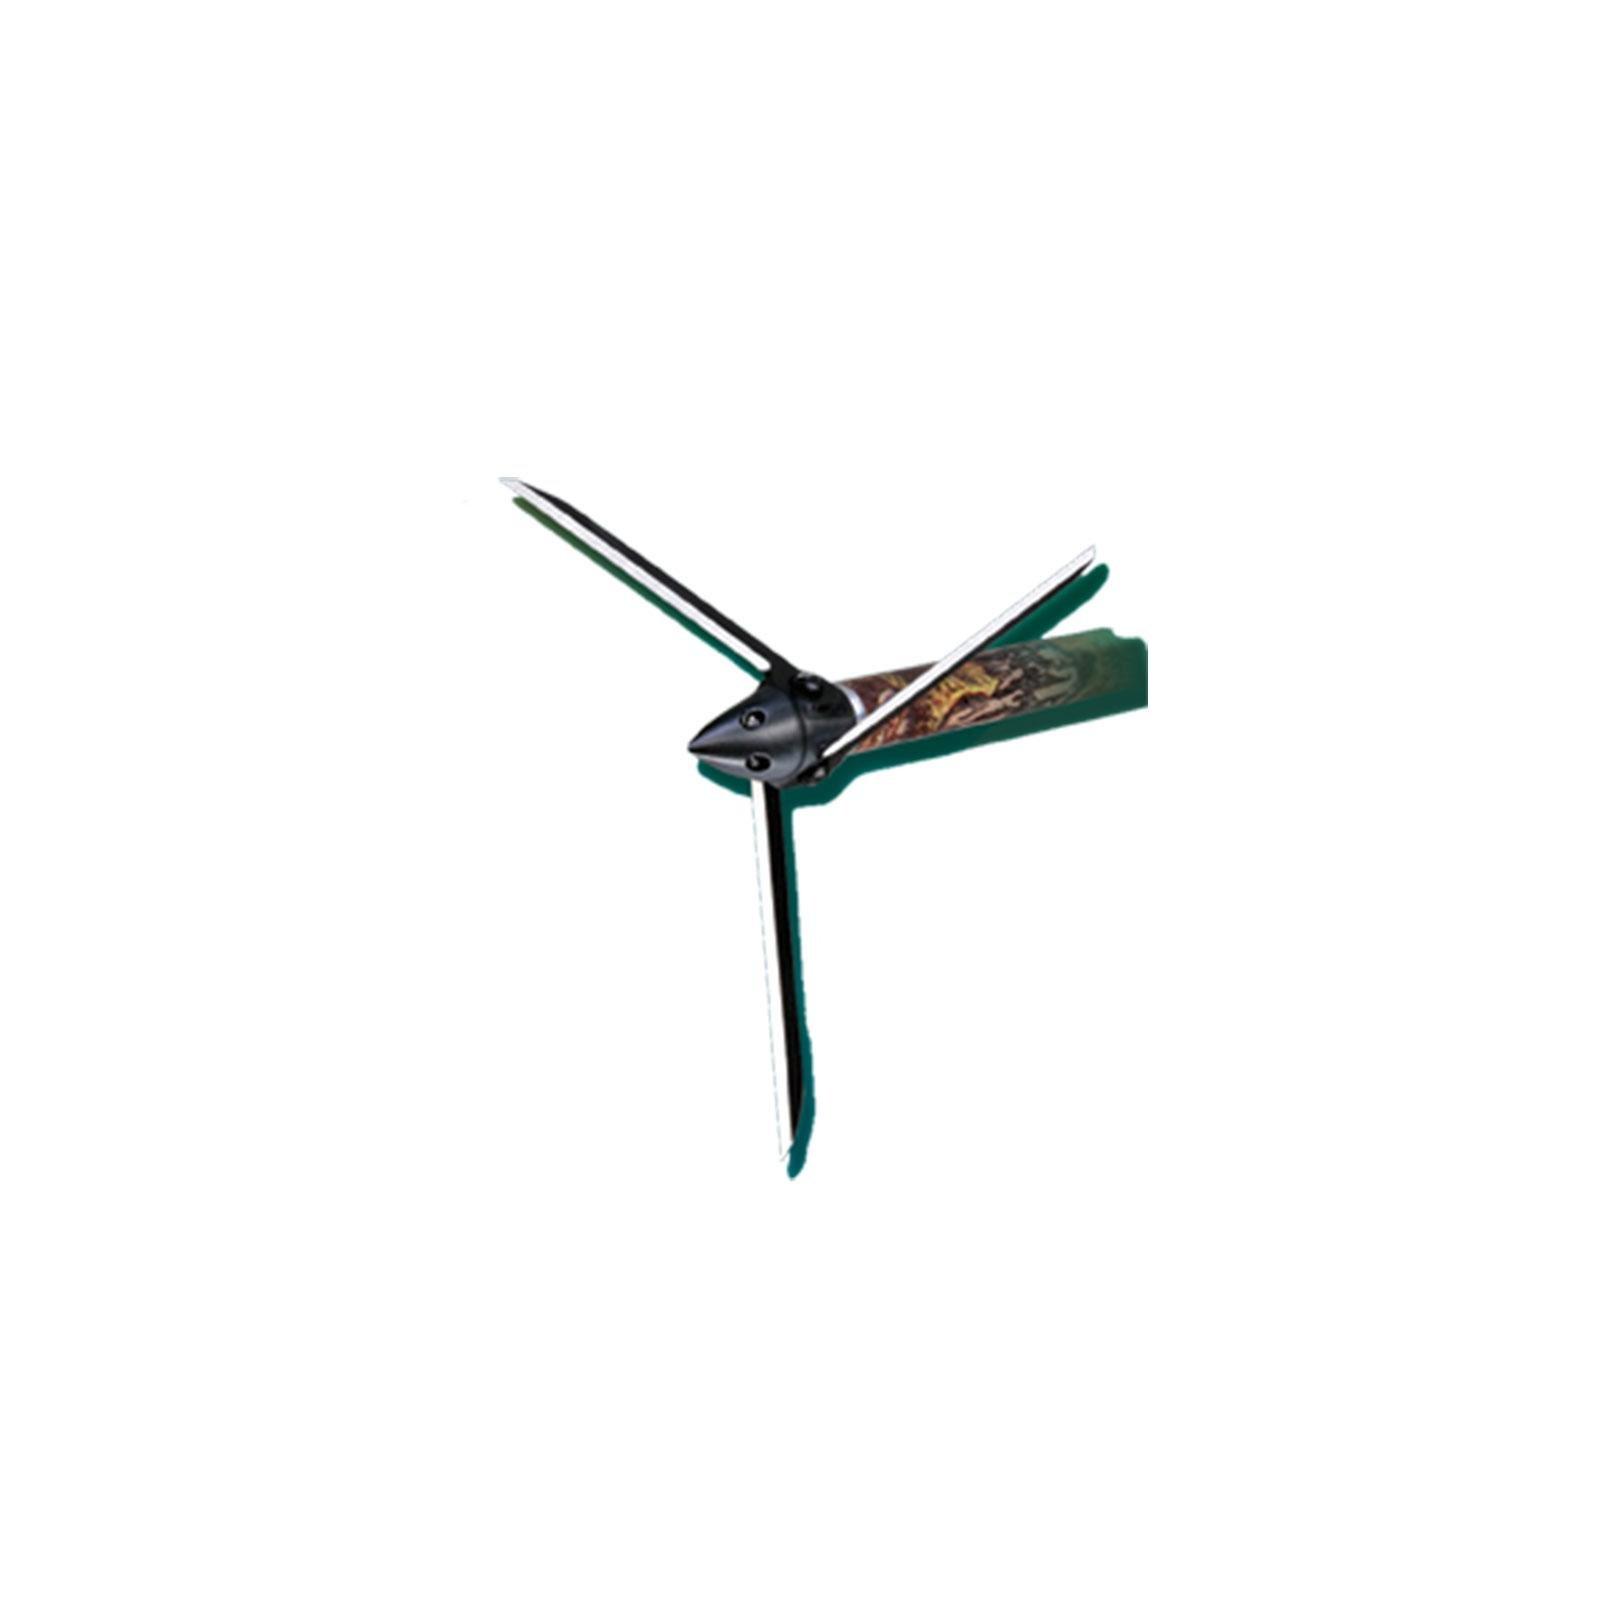 Magnus 100 GR, 3 Blade, 3 inch. Pack of 3